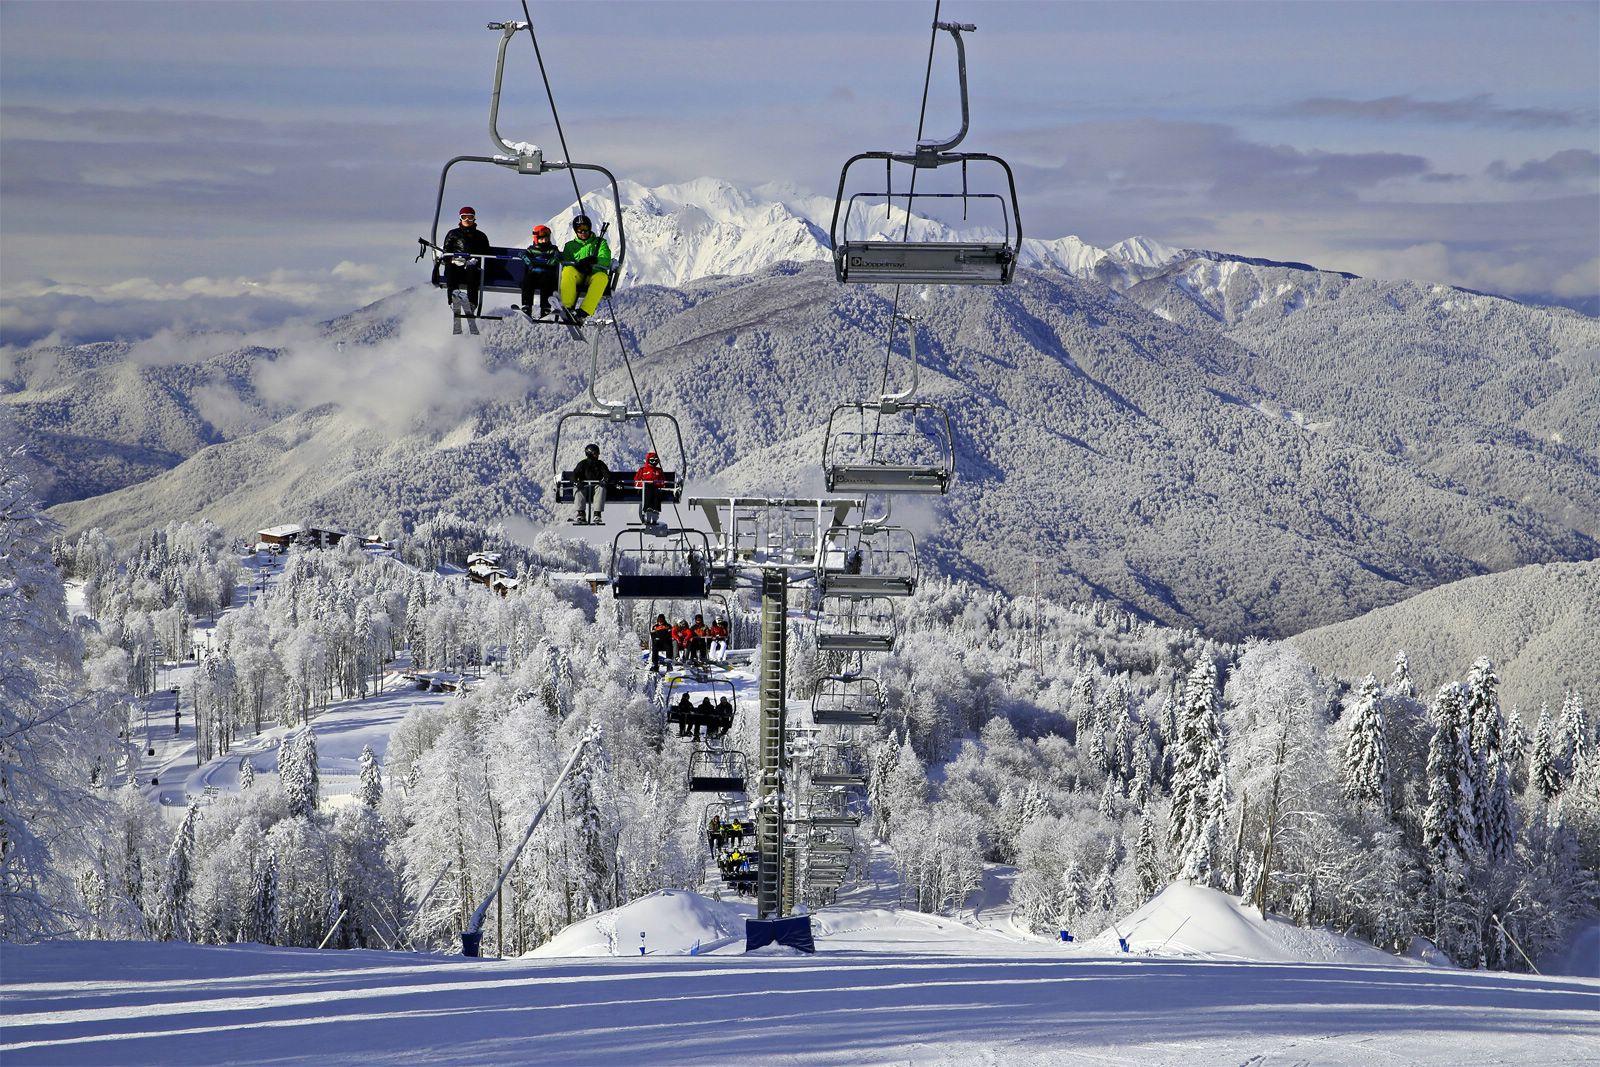 многие горнолыжные курорты россии фото стрижкой